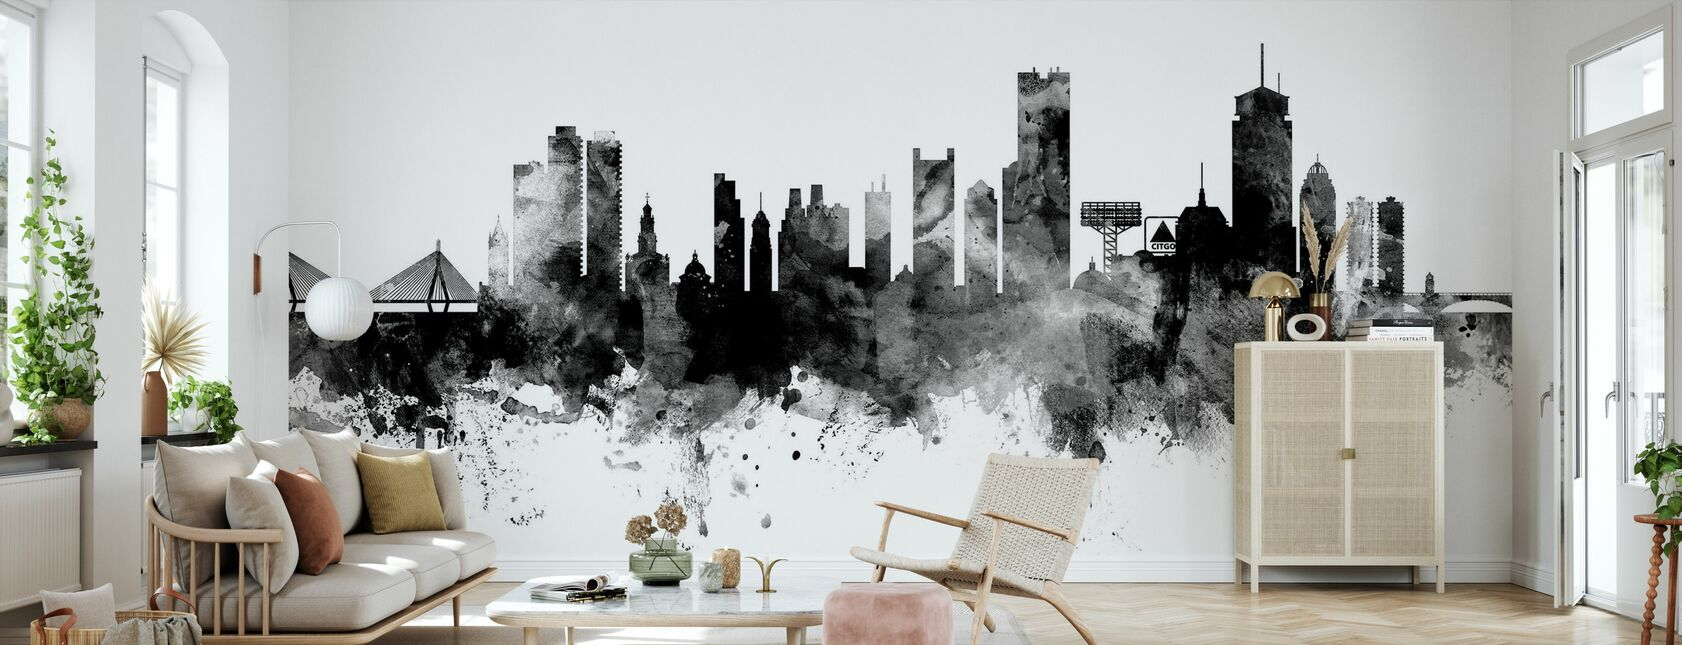 Boston Massachusetts Skyline, black and white - Wallpaper - Living Room